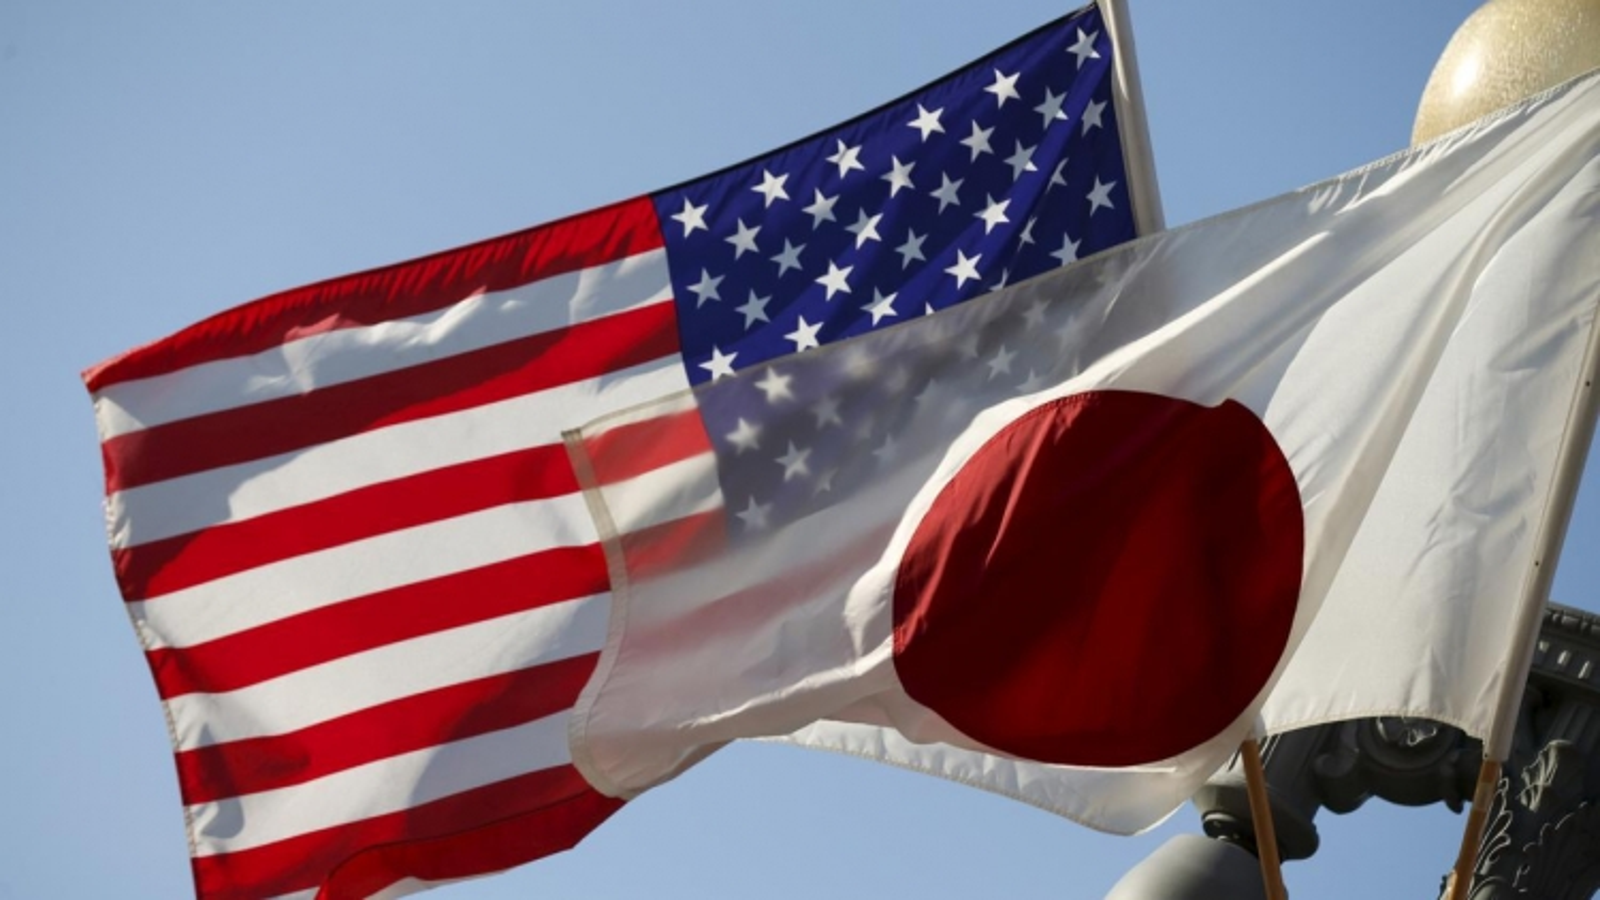 Hội nghị Thượng đỉnh Nhật - Mỹ: Tạo sức mạnh mới từ quan hệ đồng minh